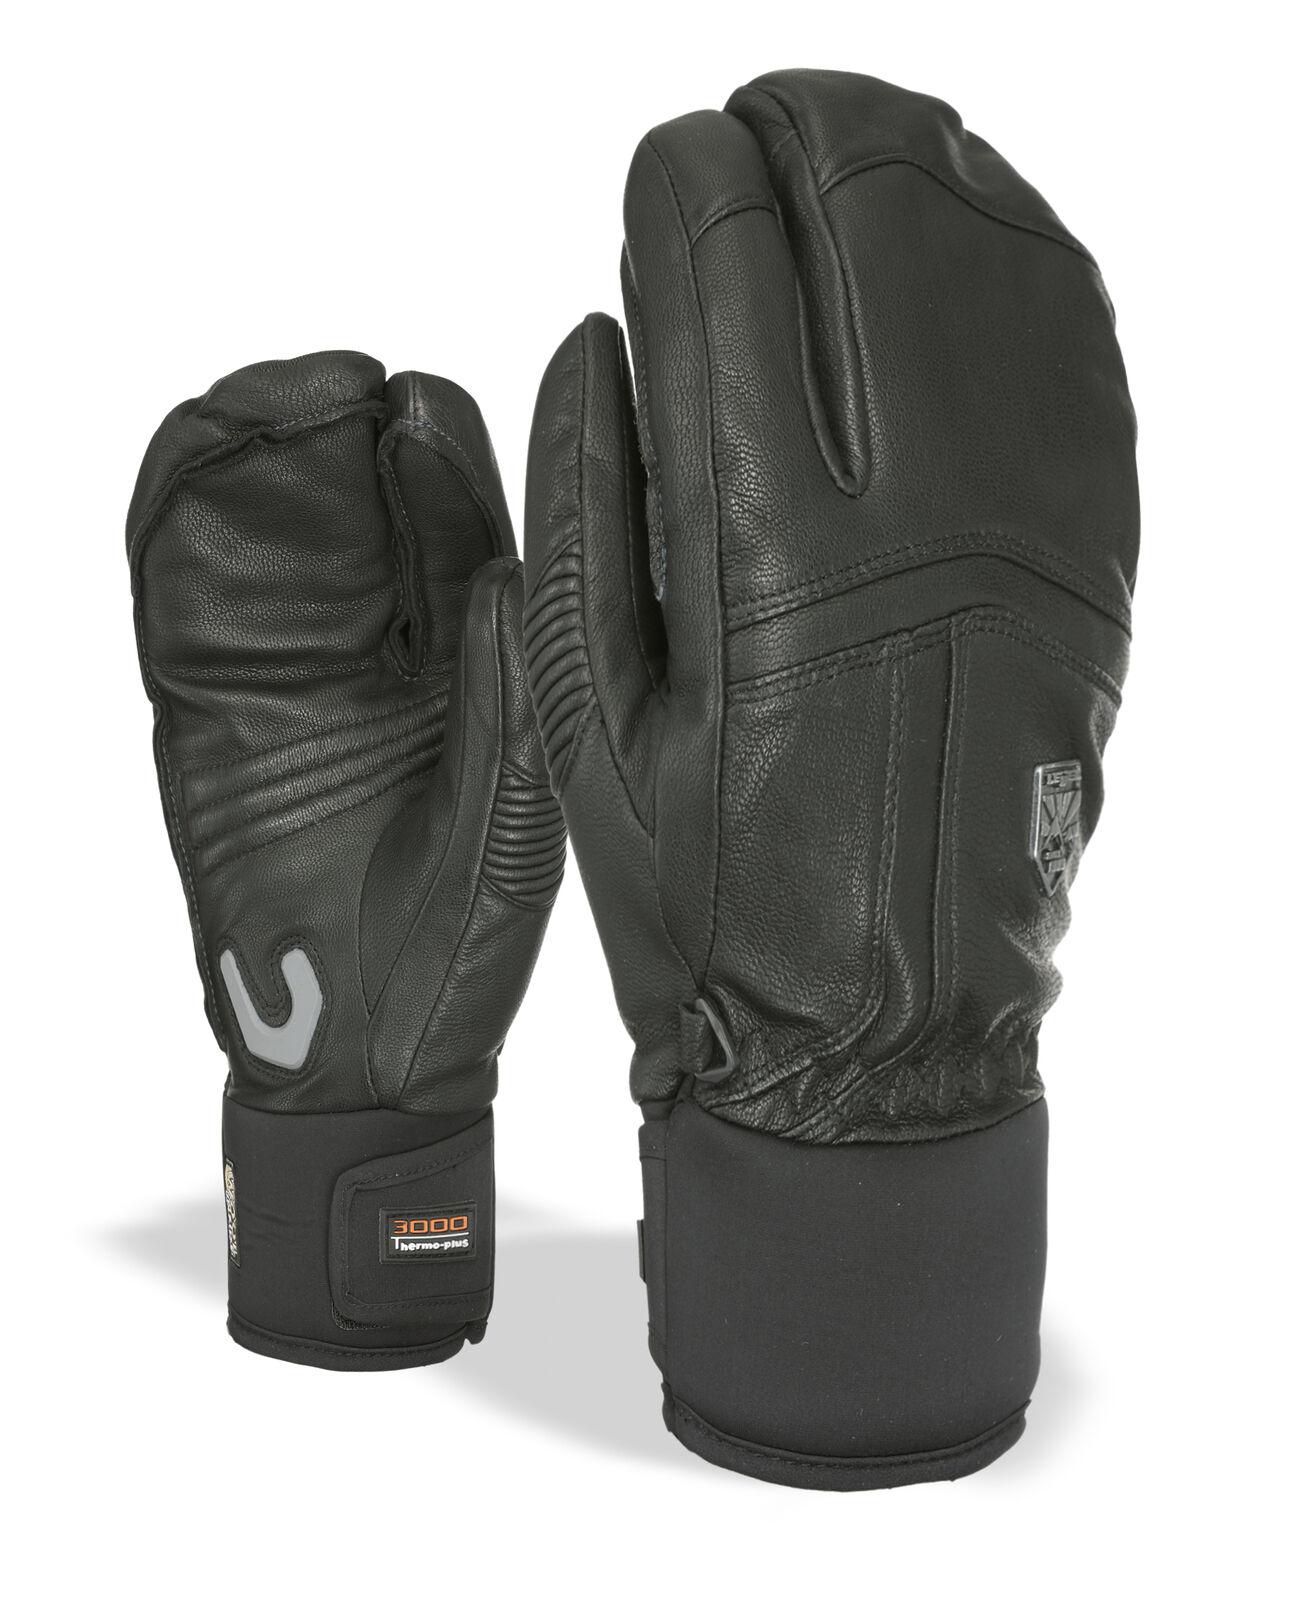 Level Handschuh  Off Piste Leather Trigger schwarz wasserdicht